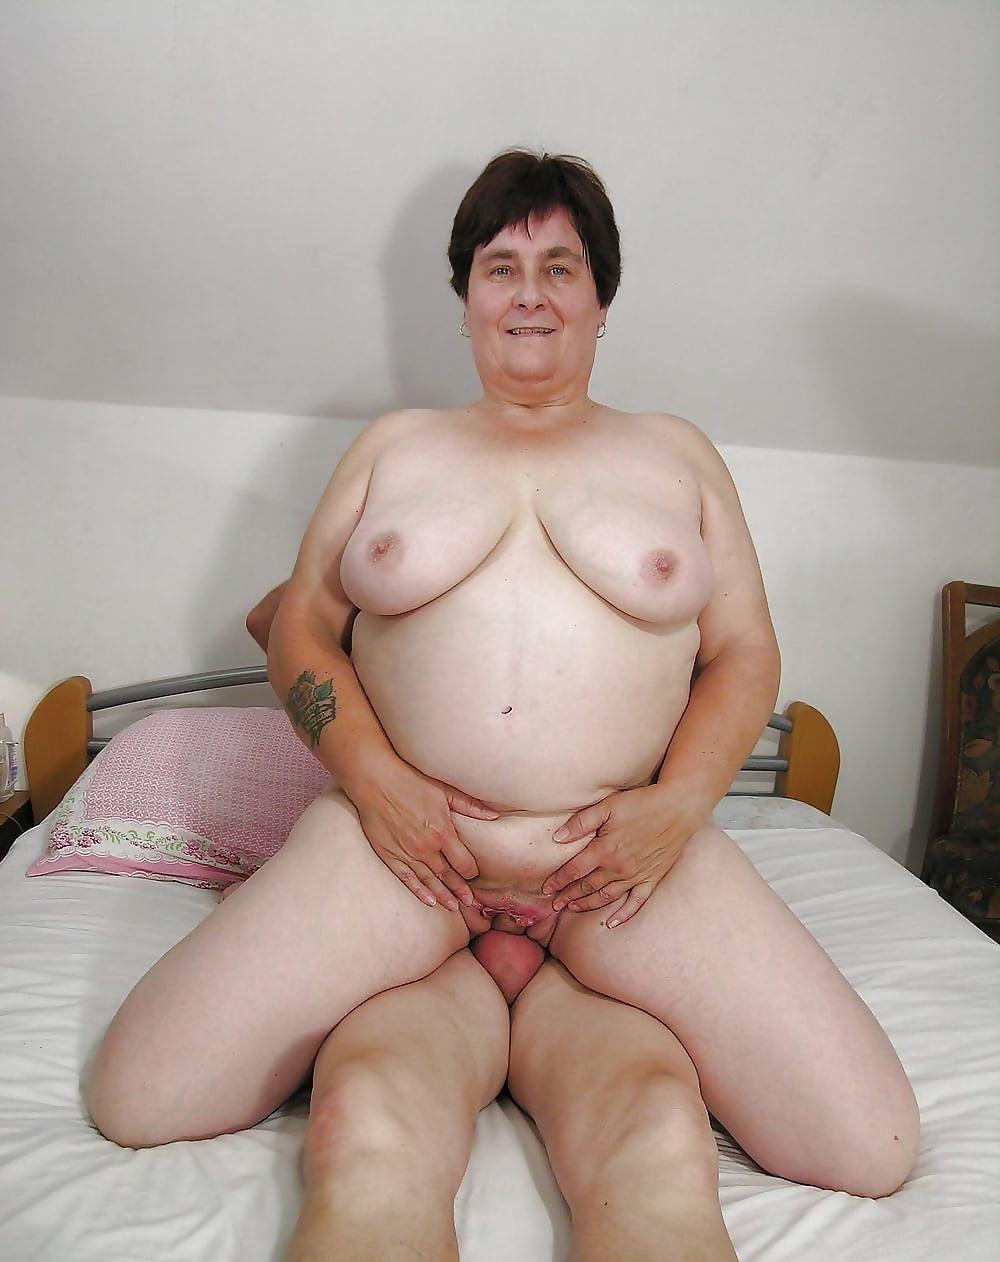 Big fat lesbian mature mom fucks young daughter